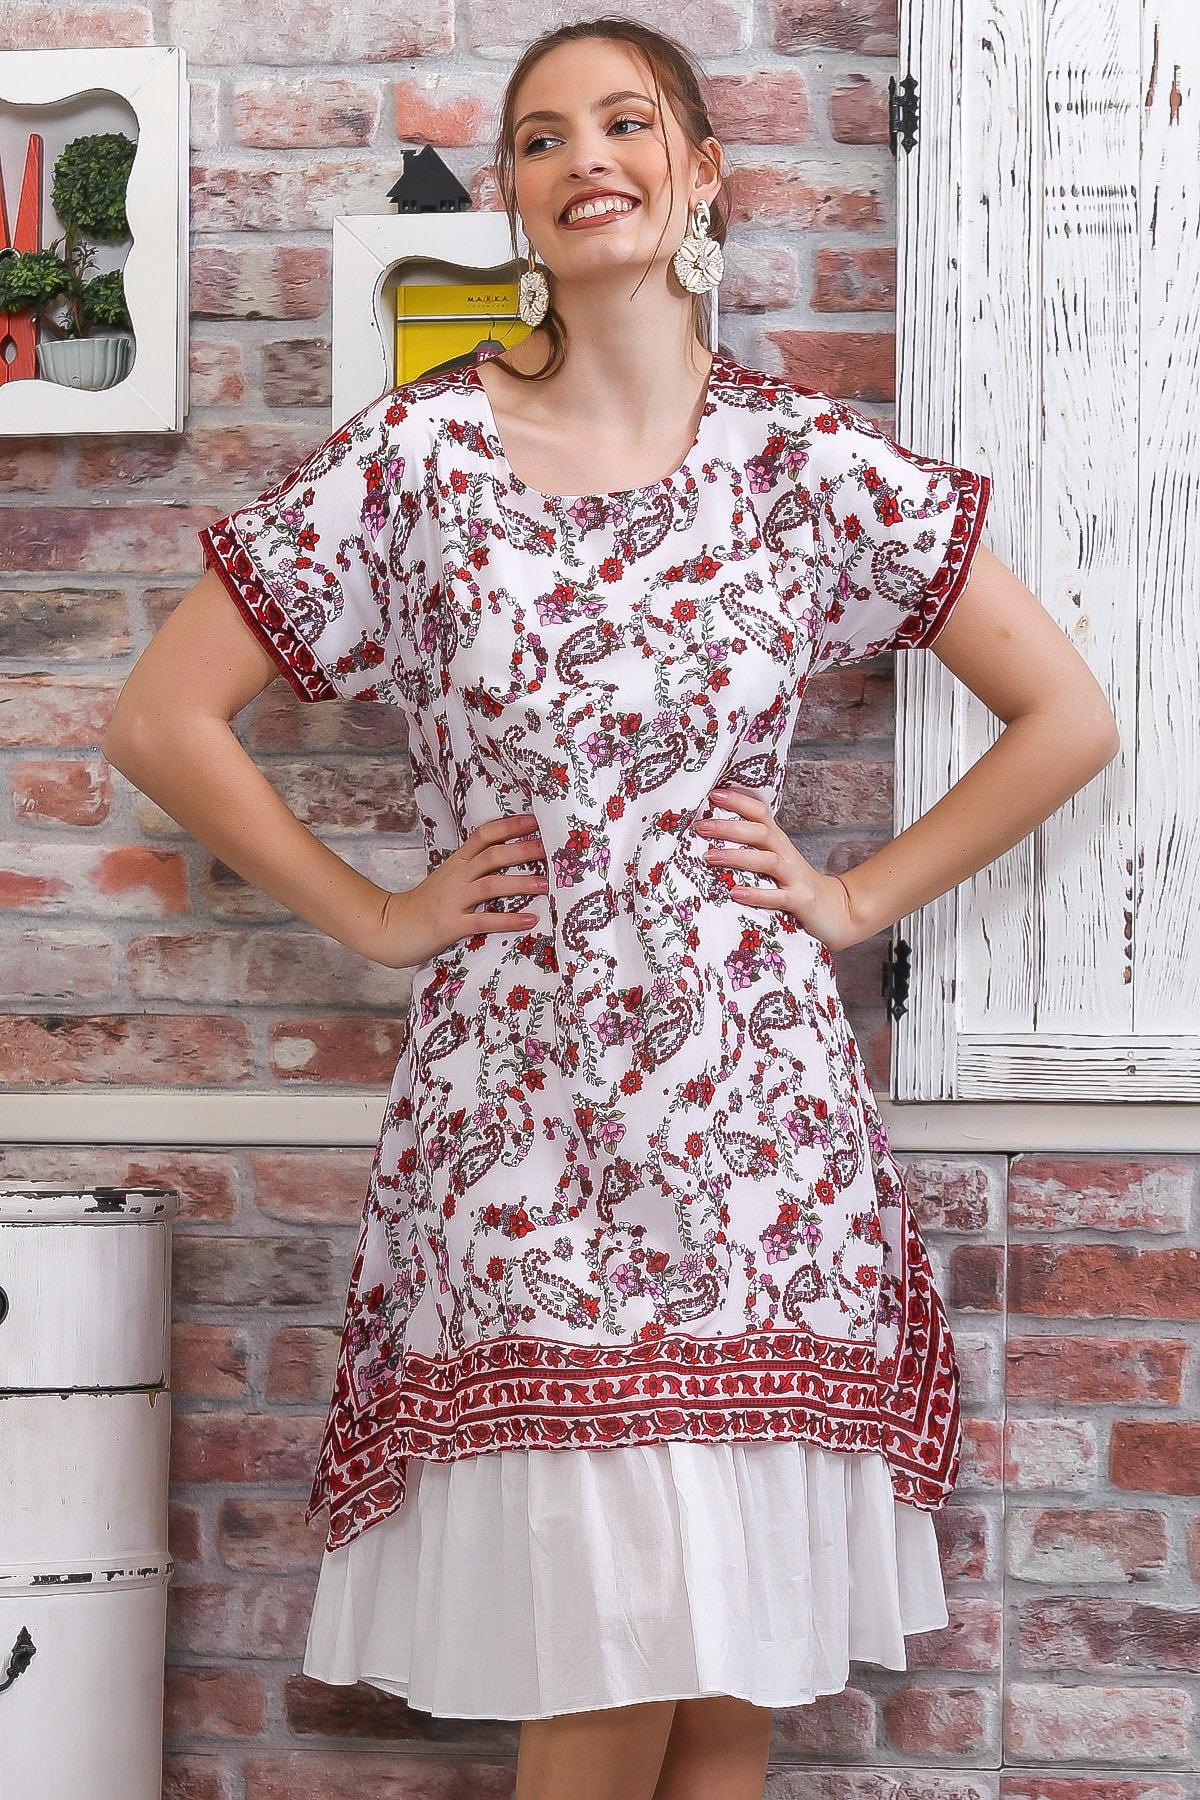 Chiccy Kadın Beyaz-Kırmızı Düşük Kol Şal Desenli İki Katlı Salaş Tülbent Elbise M10160000EL95079